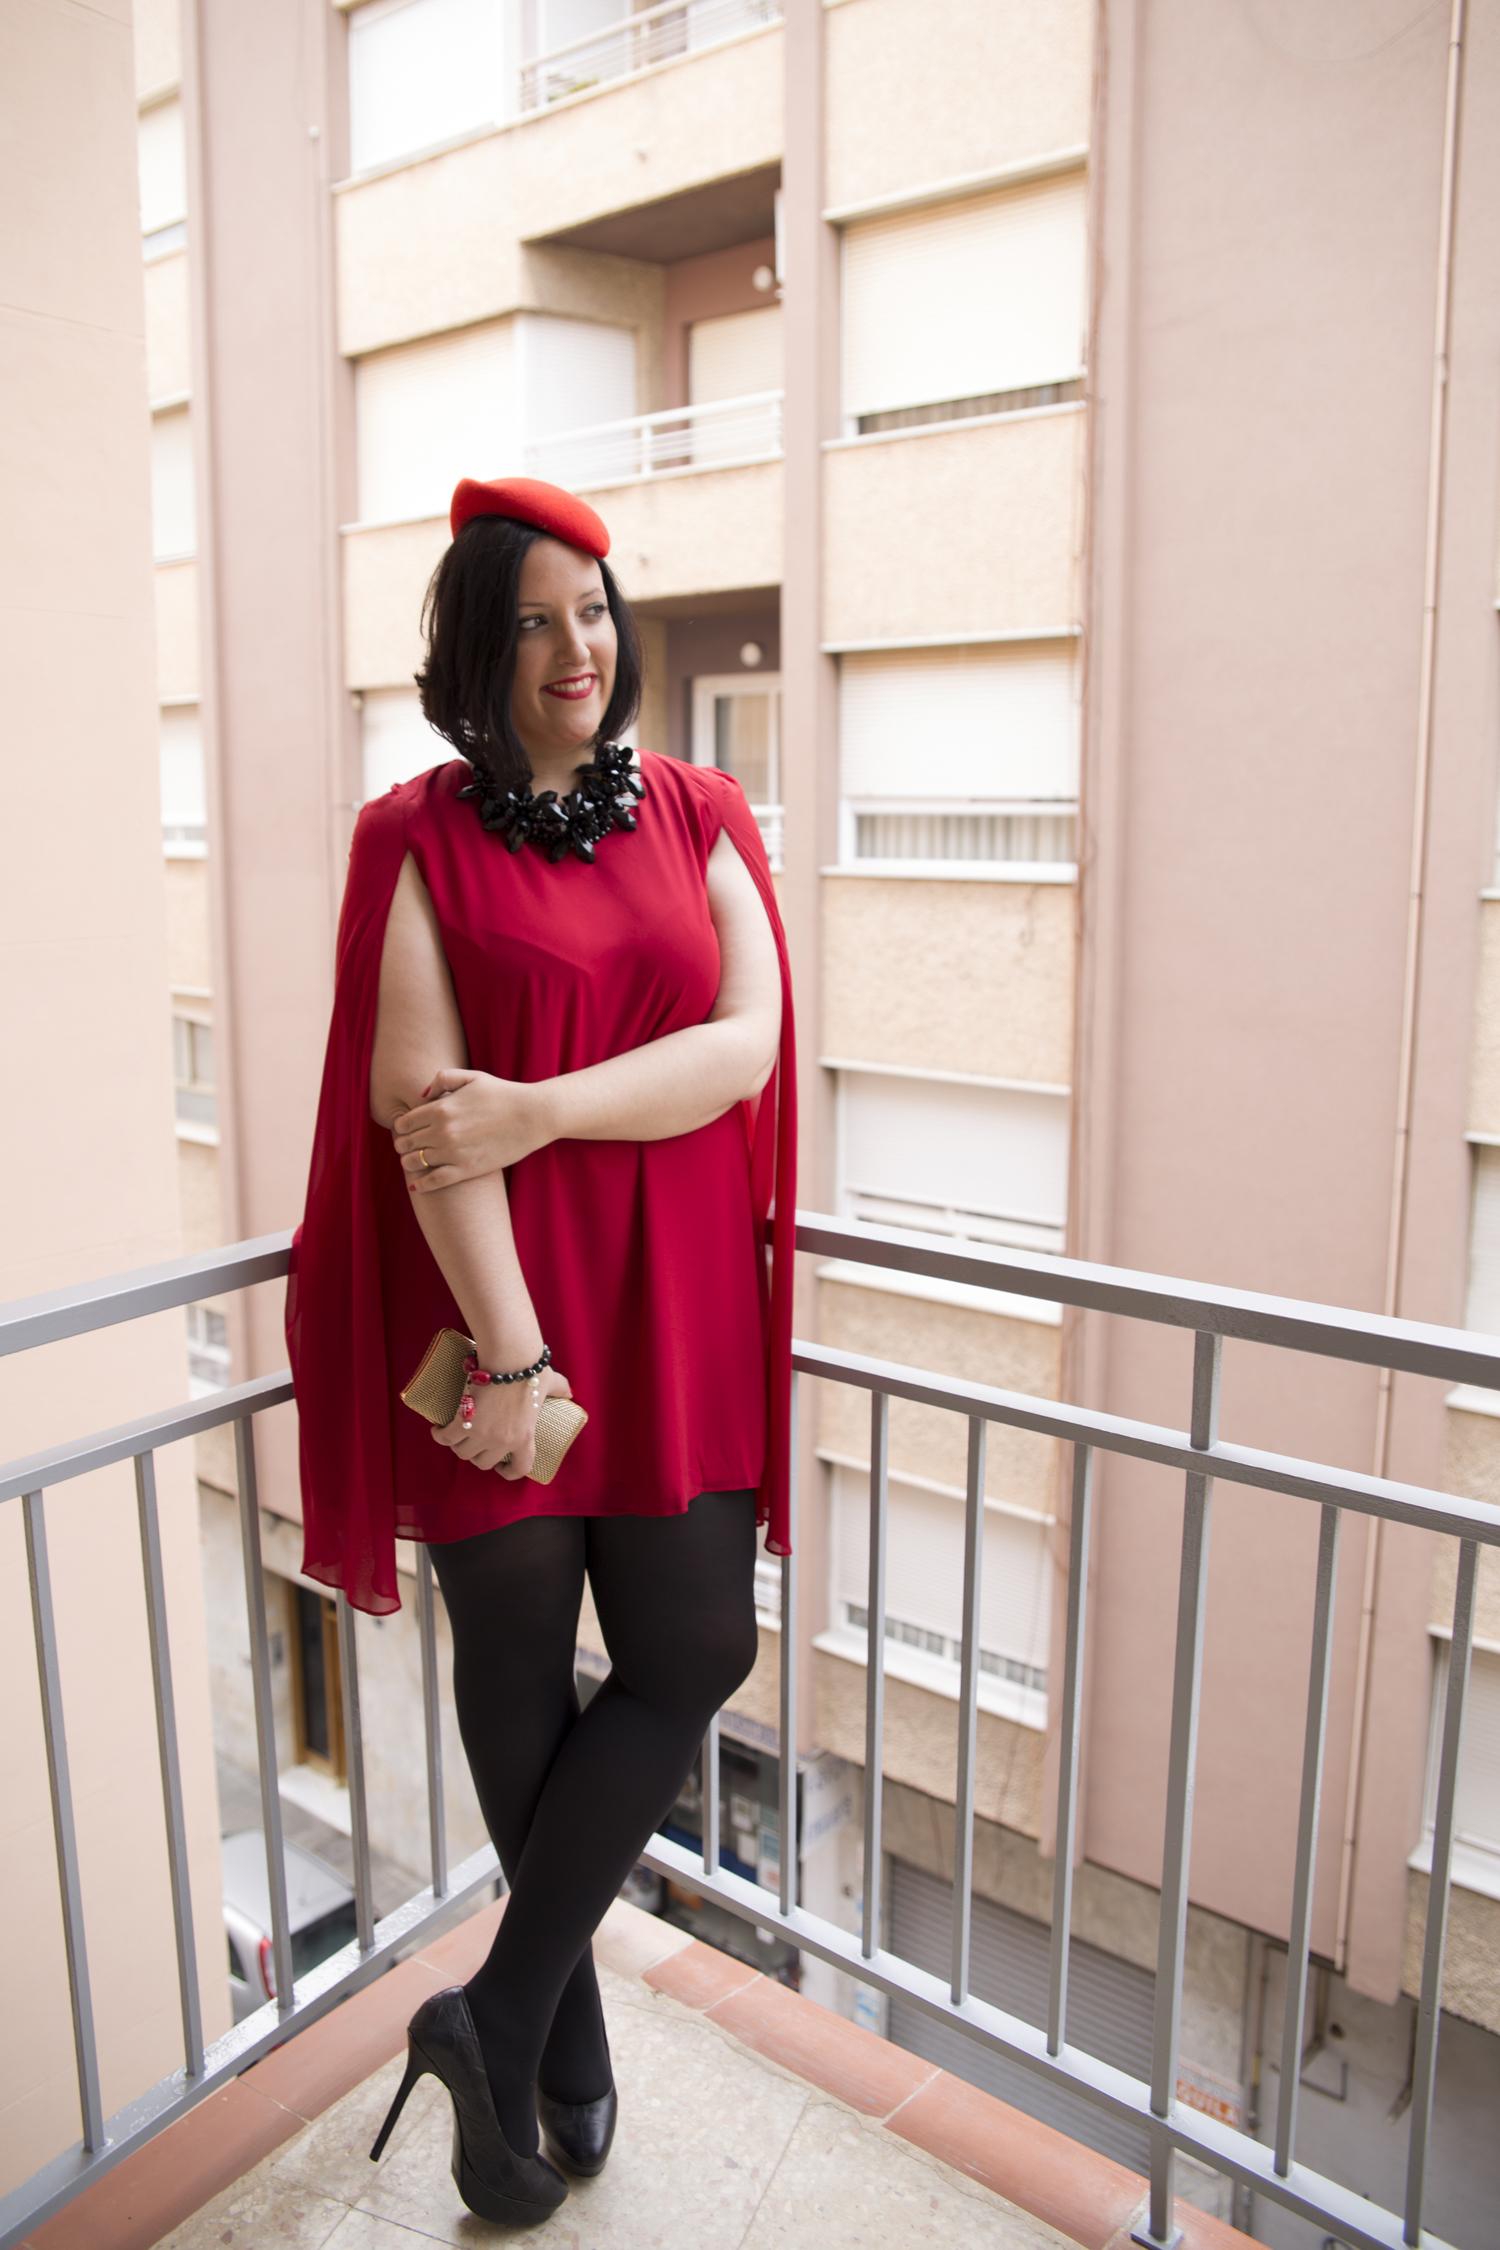 Vestido rojo fiesta capa con tocado Paloma Silla Destaca-te asesoria de imagen